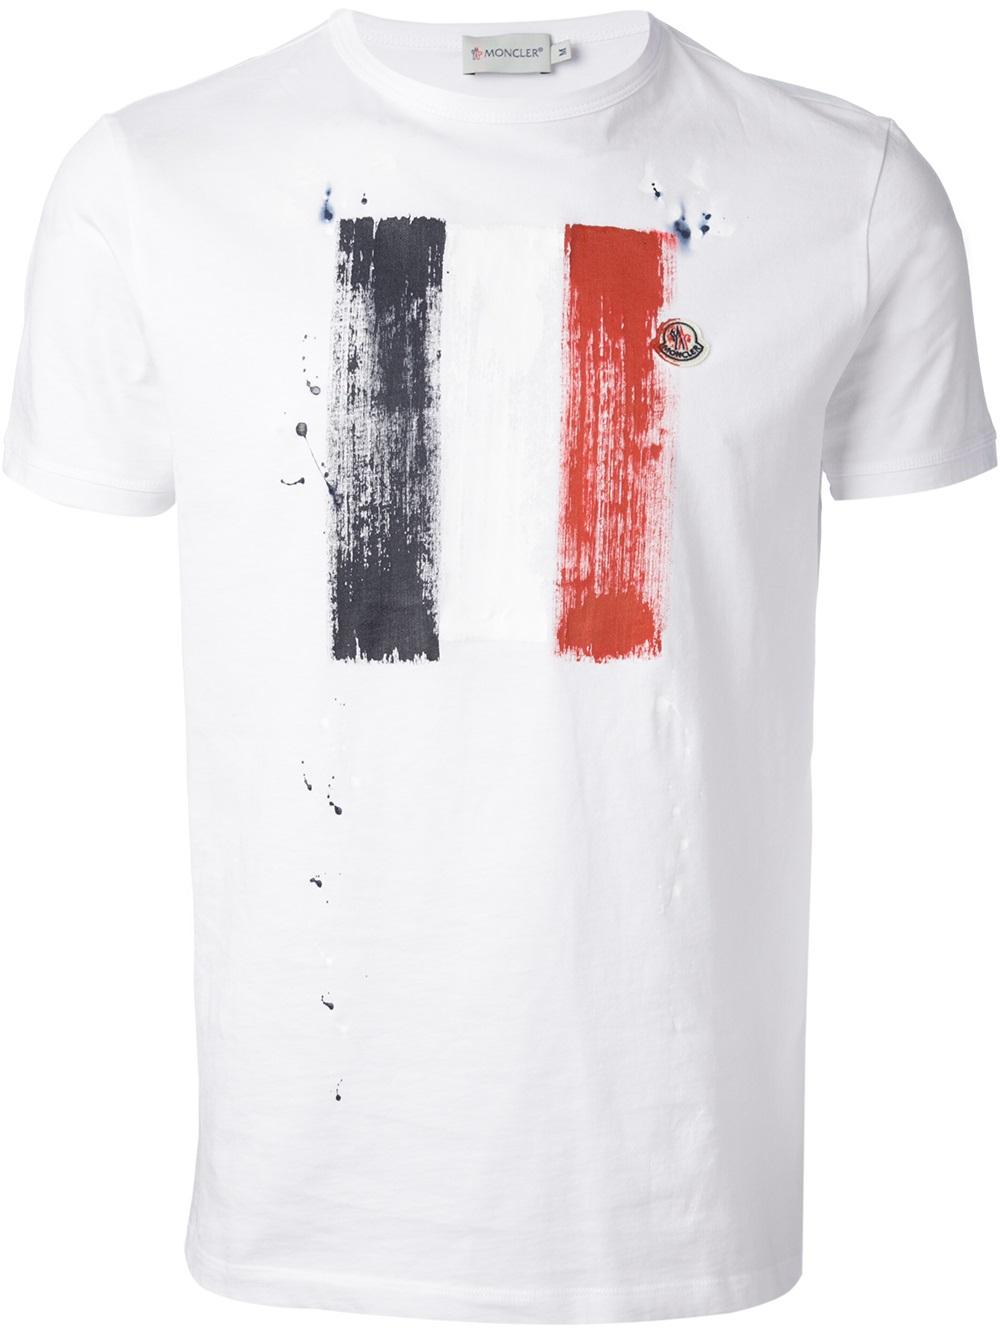 Lyst - Moncler Flag Print Tshirt in White for Men 8c77cea1f7b